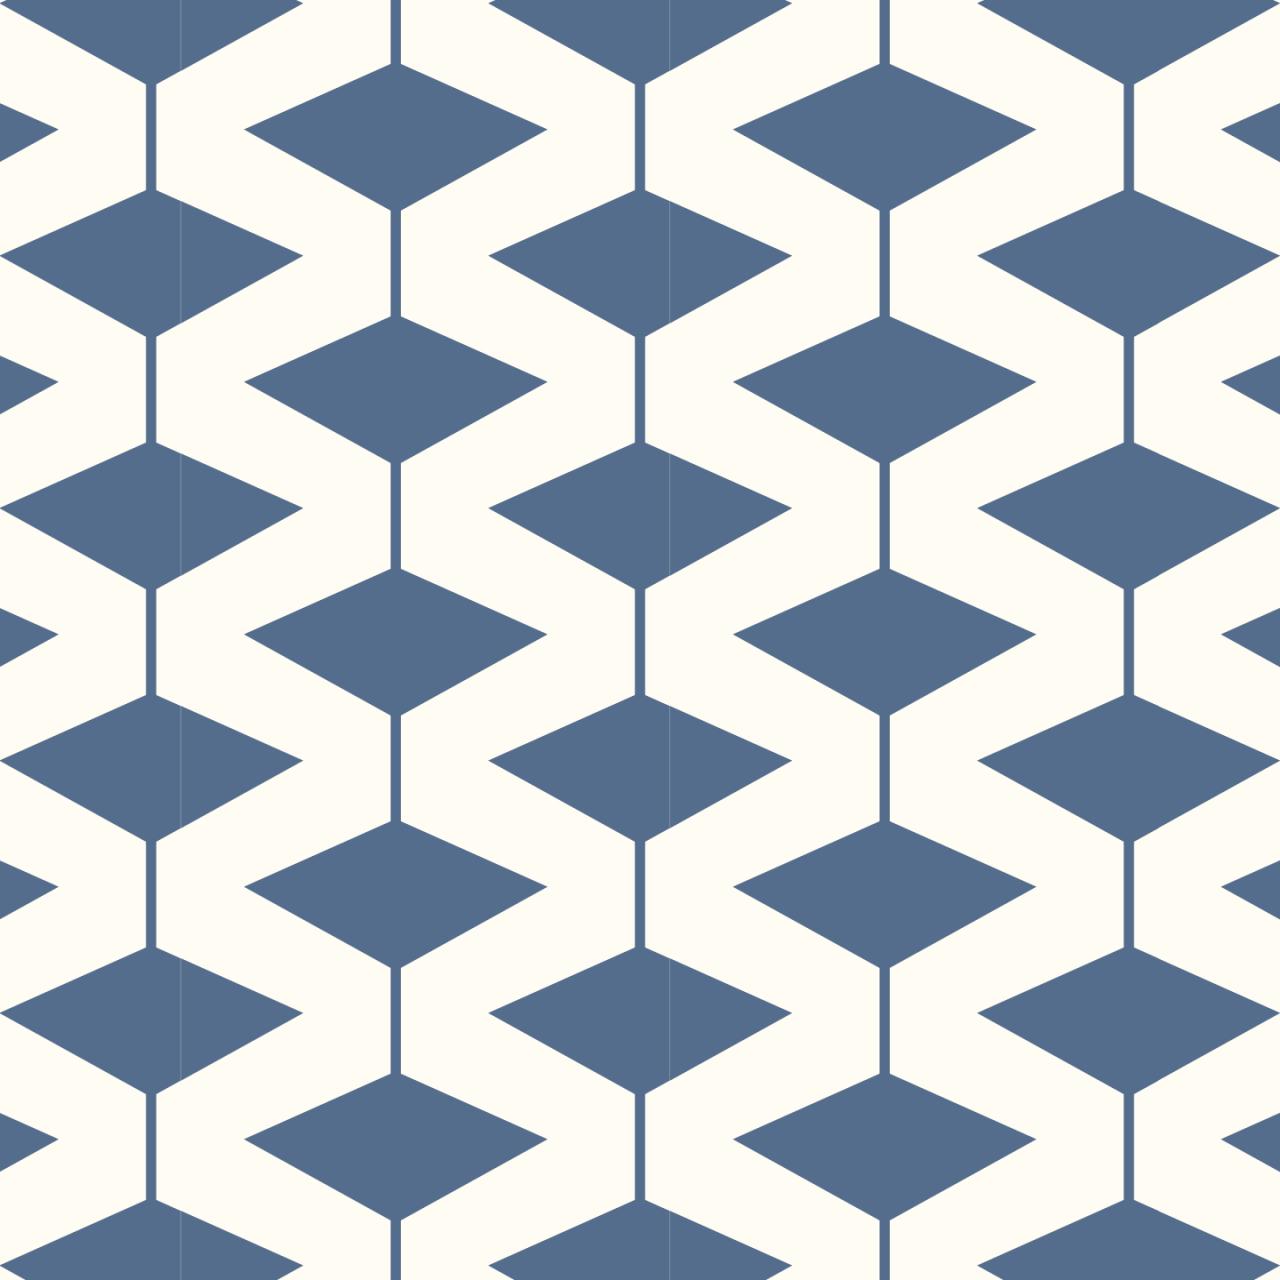 Abacus_CoastalBlue.jpg